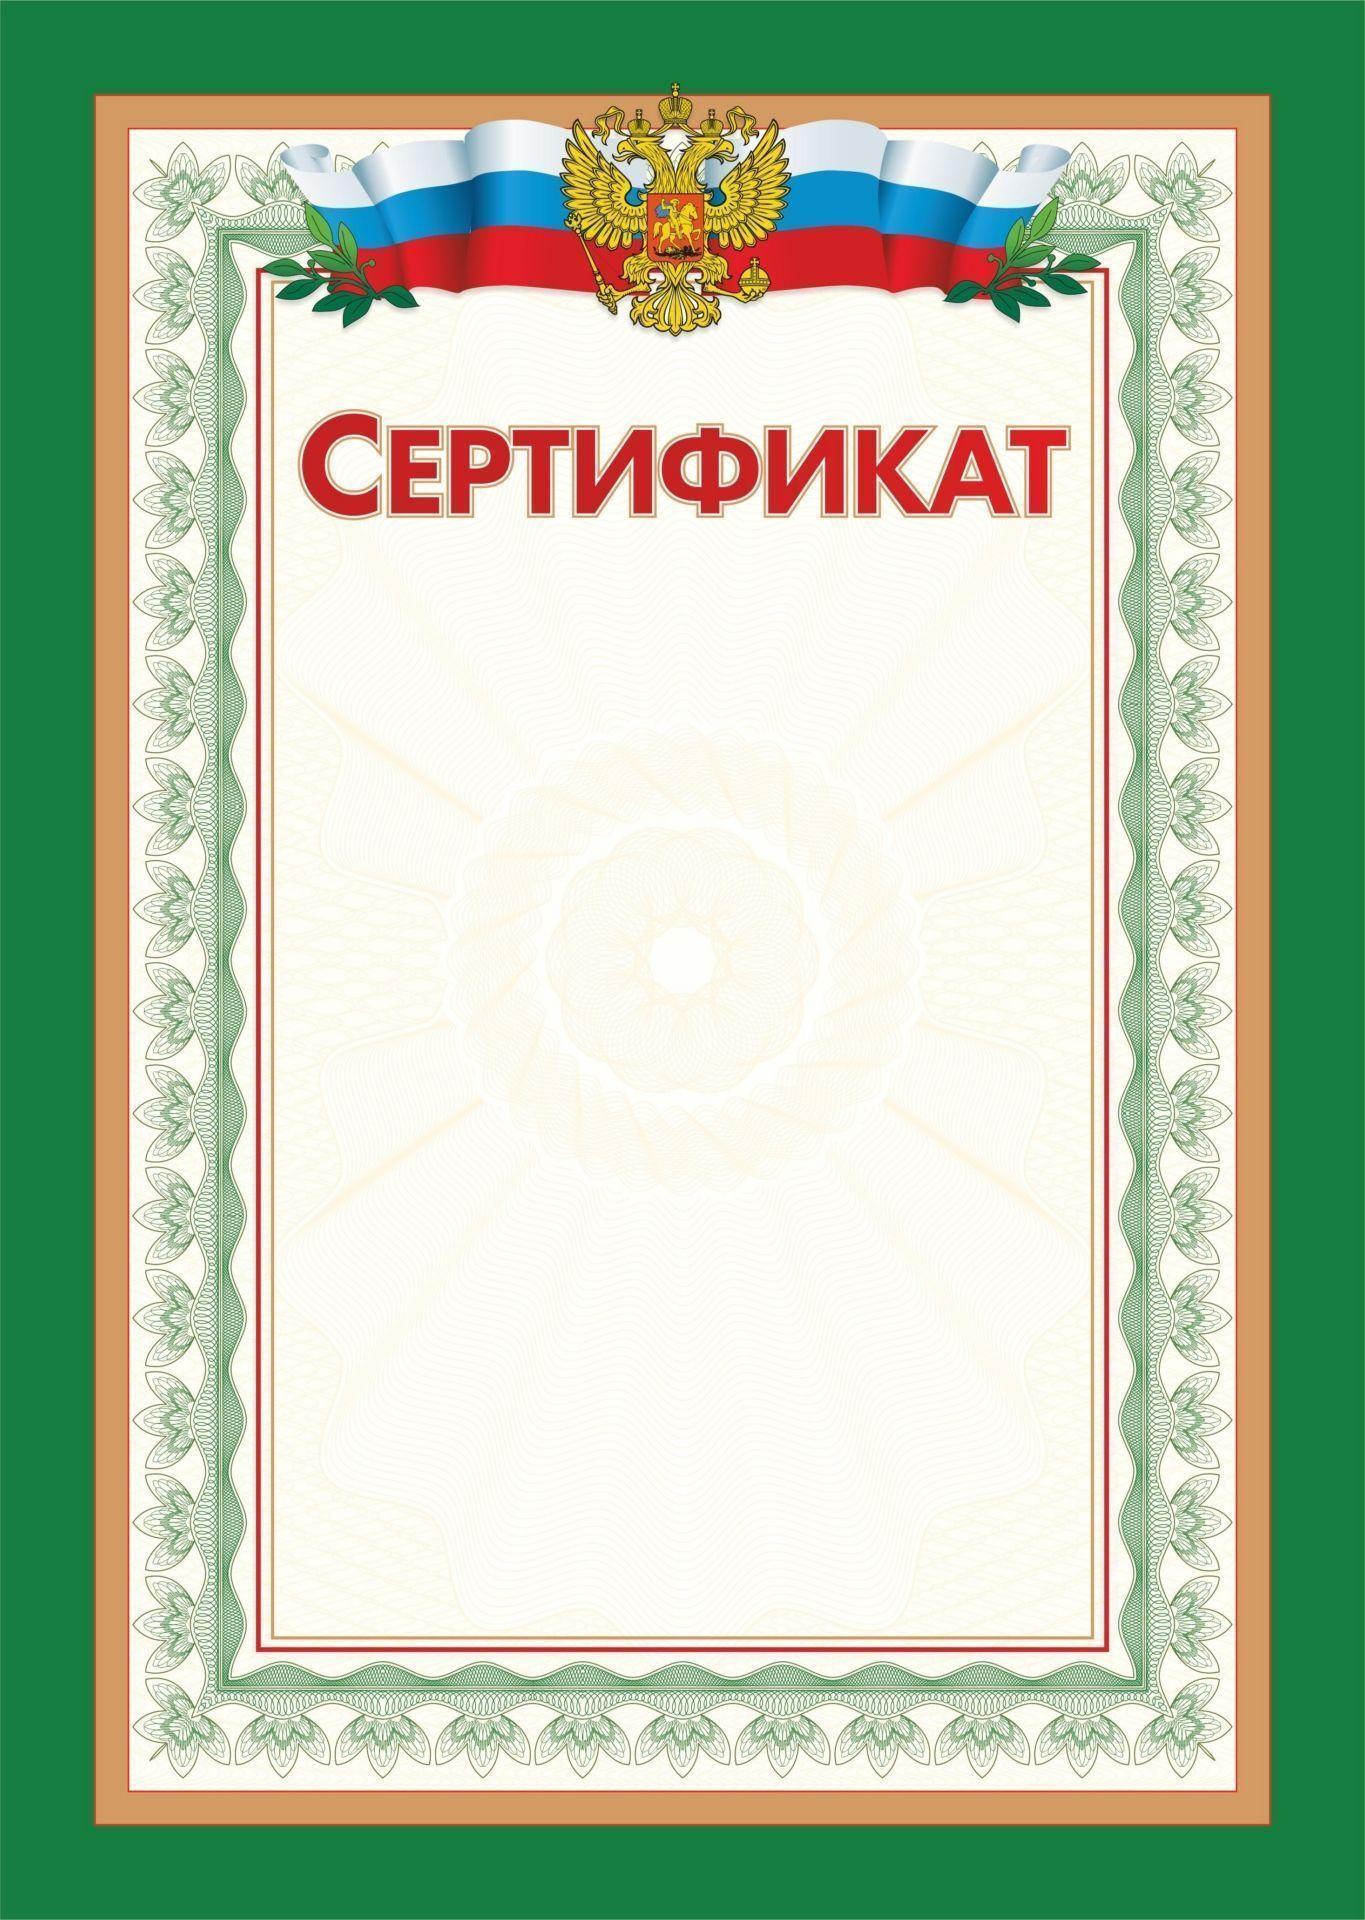 Сертификат с гербом и флагом (общий, вертикальный)Сертификаты<br>Материалы:на обложку - картон мелованный, пл. 250.00.<br><br>Год: 2017<br>Высота: 297<br>Ширина: 210